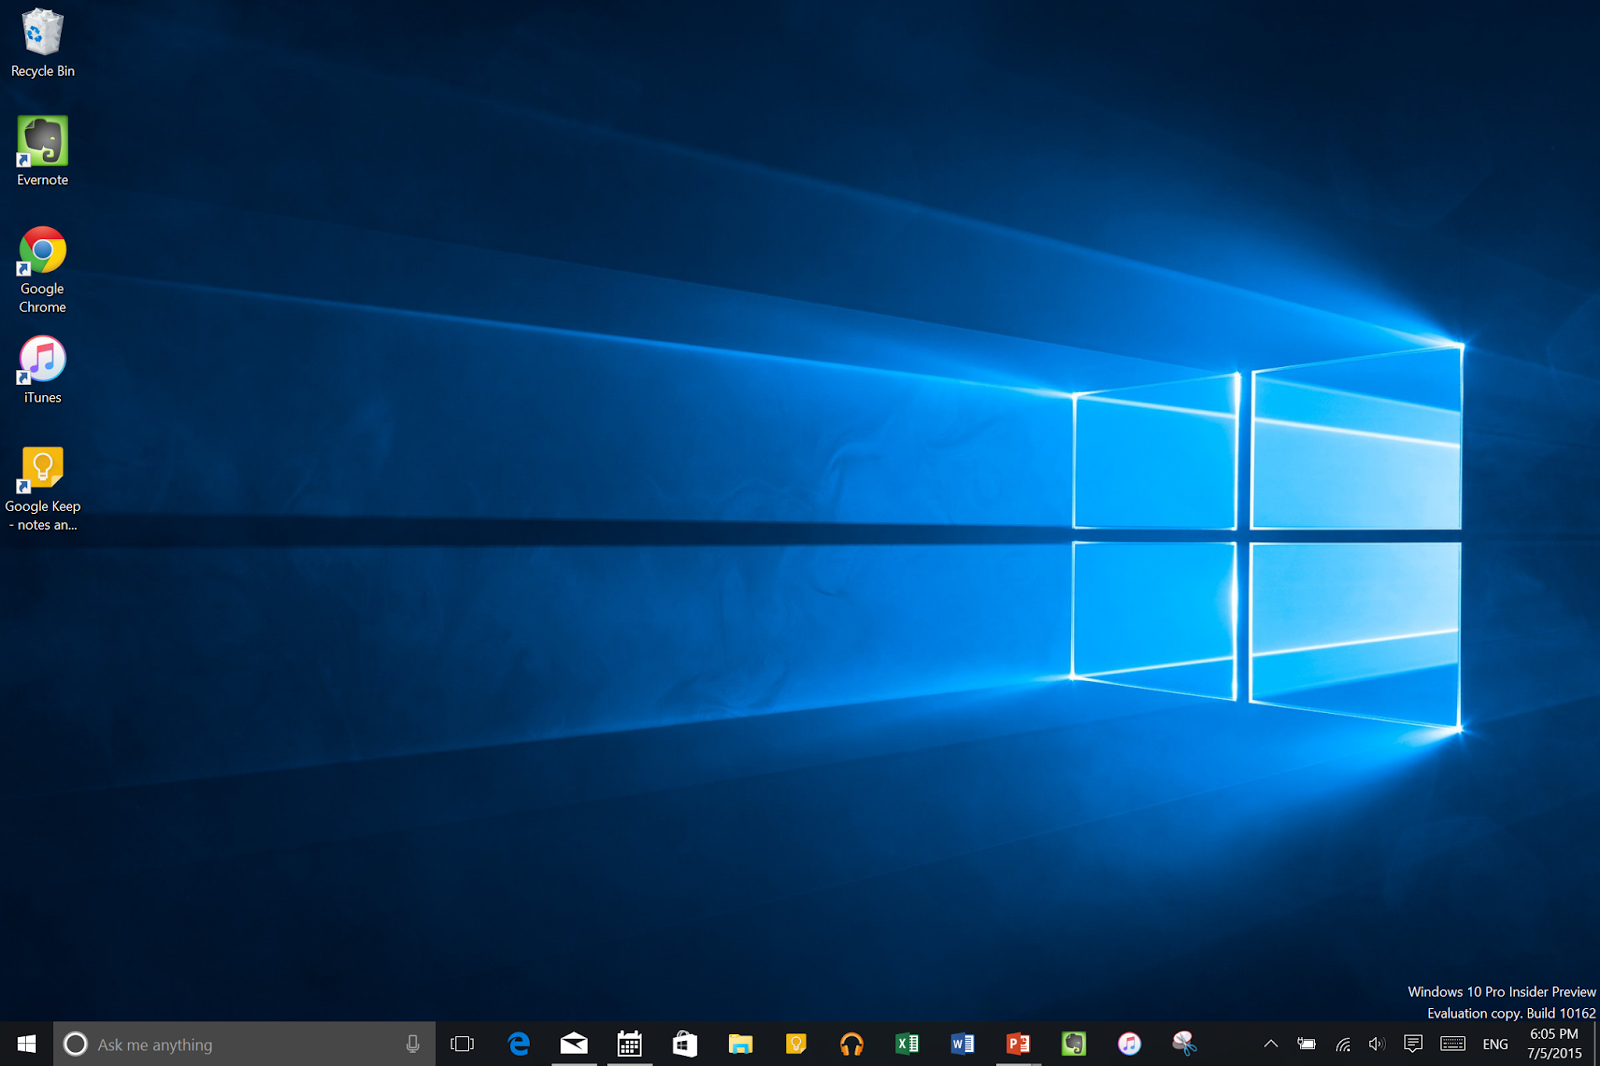 أول تحديث لنظام ويندوز 10